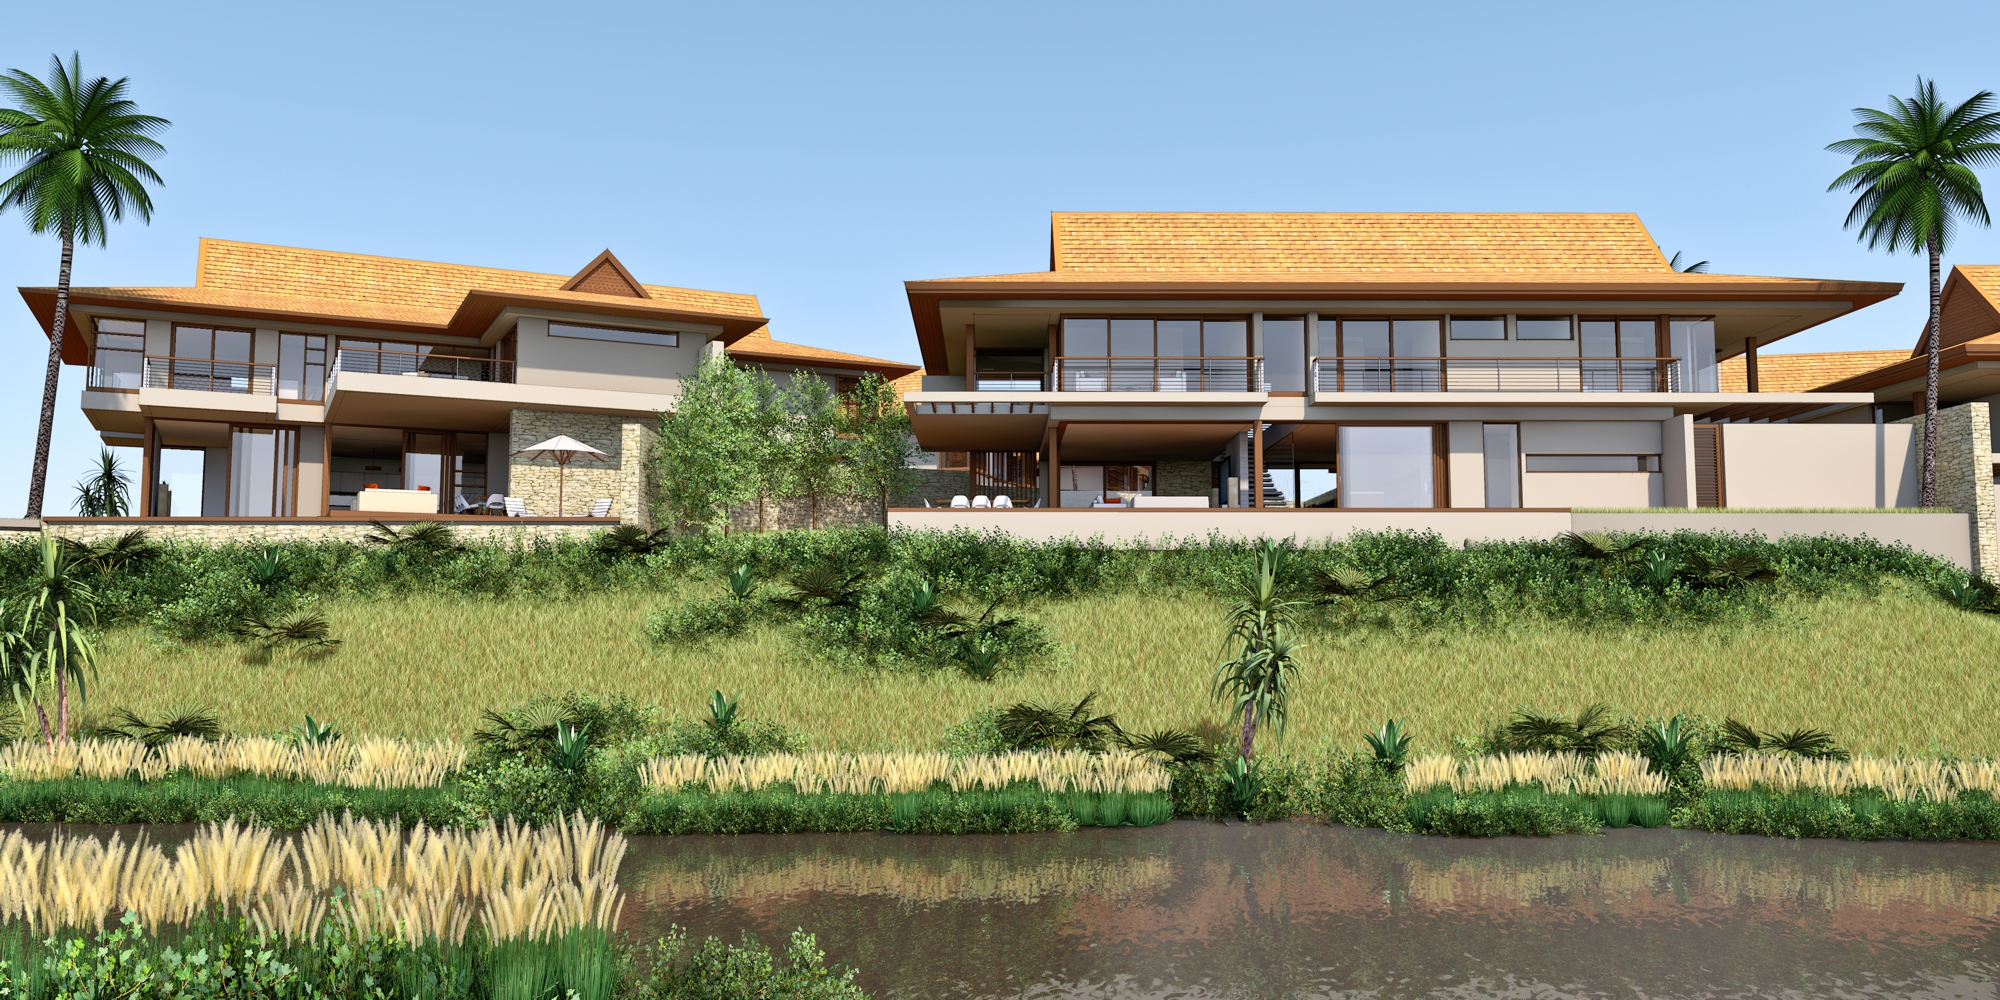 Vat On Residential Property Development